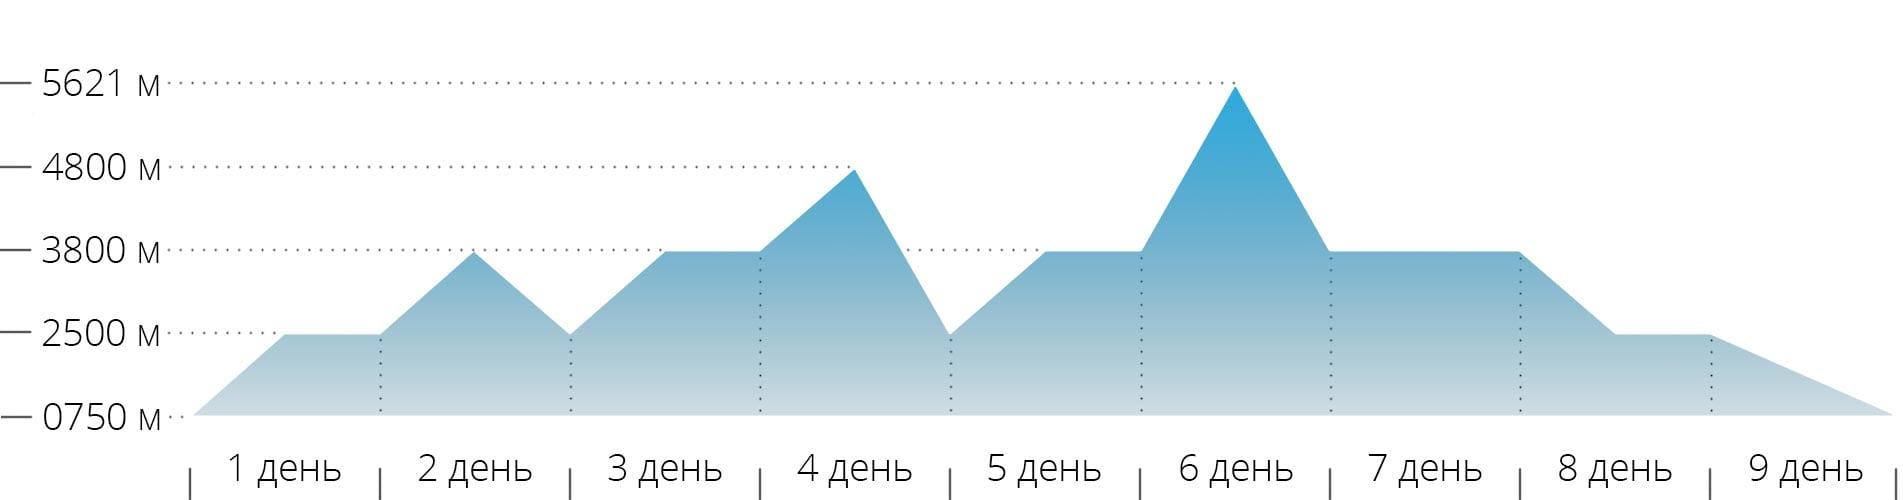 График с высотами для восхождения на Эльбрус с севера через скалы Ленца